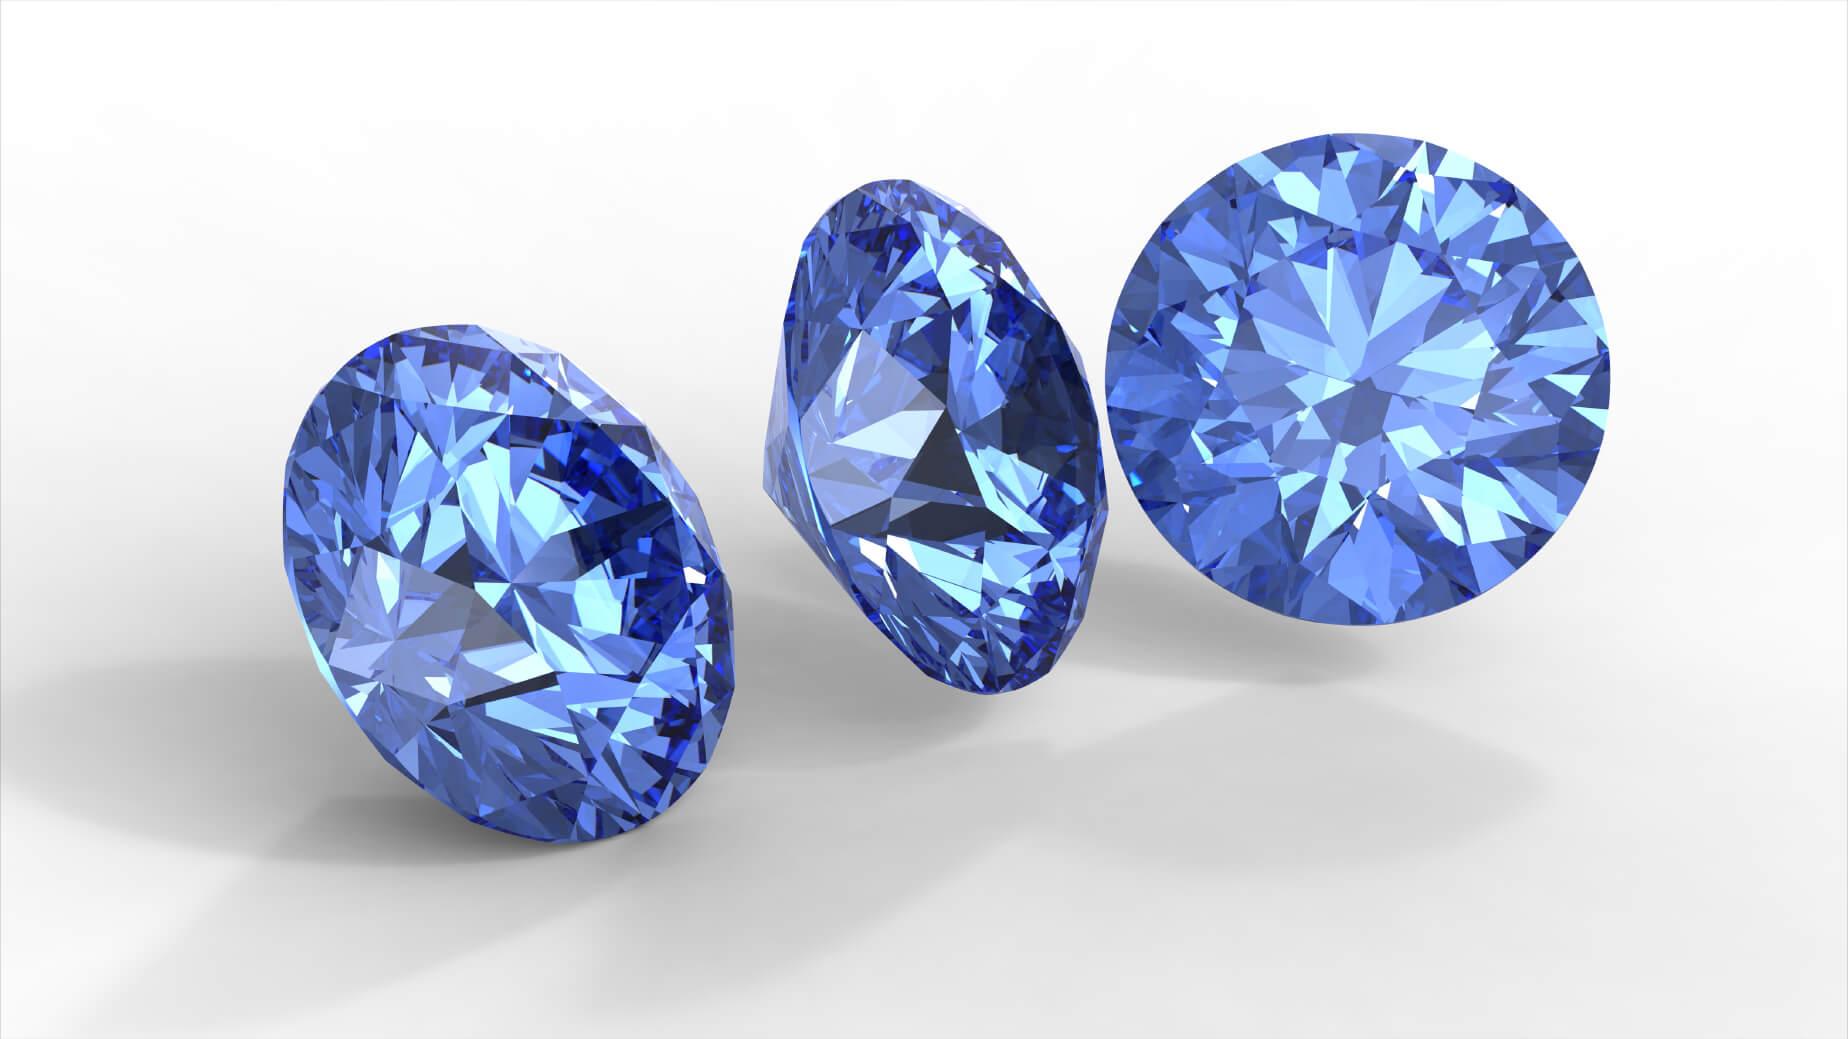 Ювелирные изделия с «голубым алмазом»